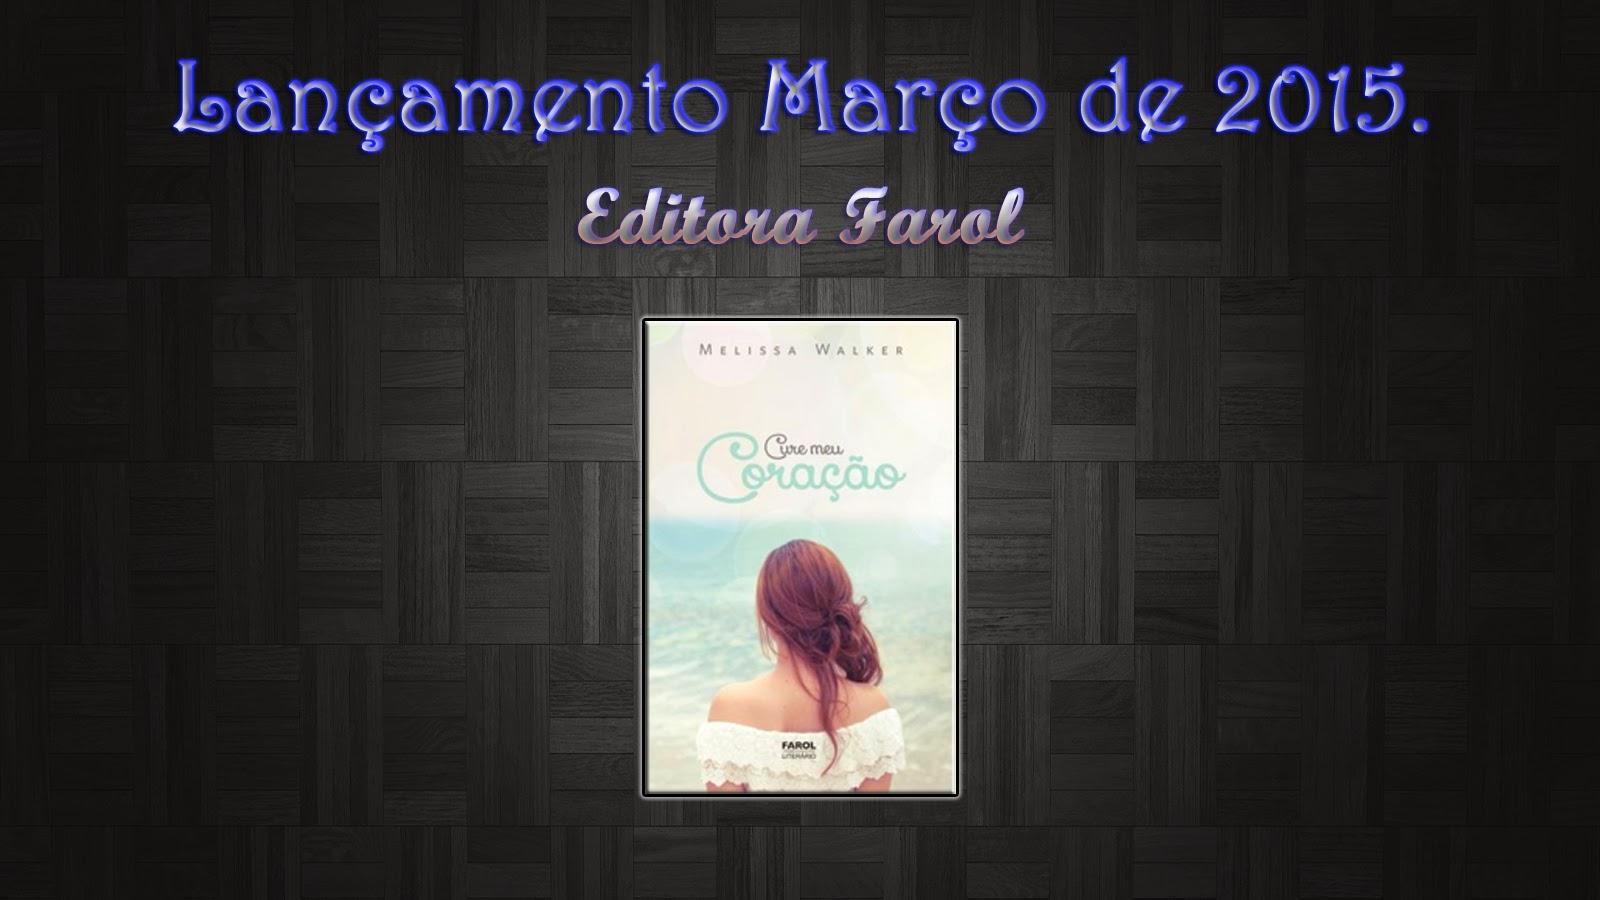 http://livrosetalgroup.blogspot.com.br/p/lancamento-editora-farol-marco-de-2015.html